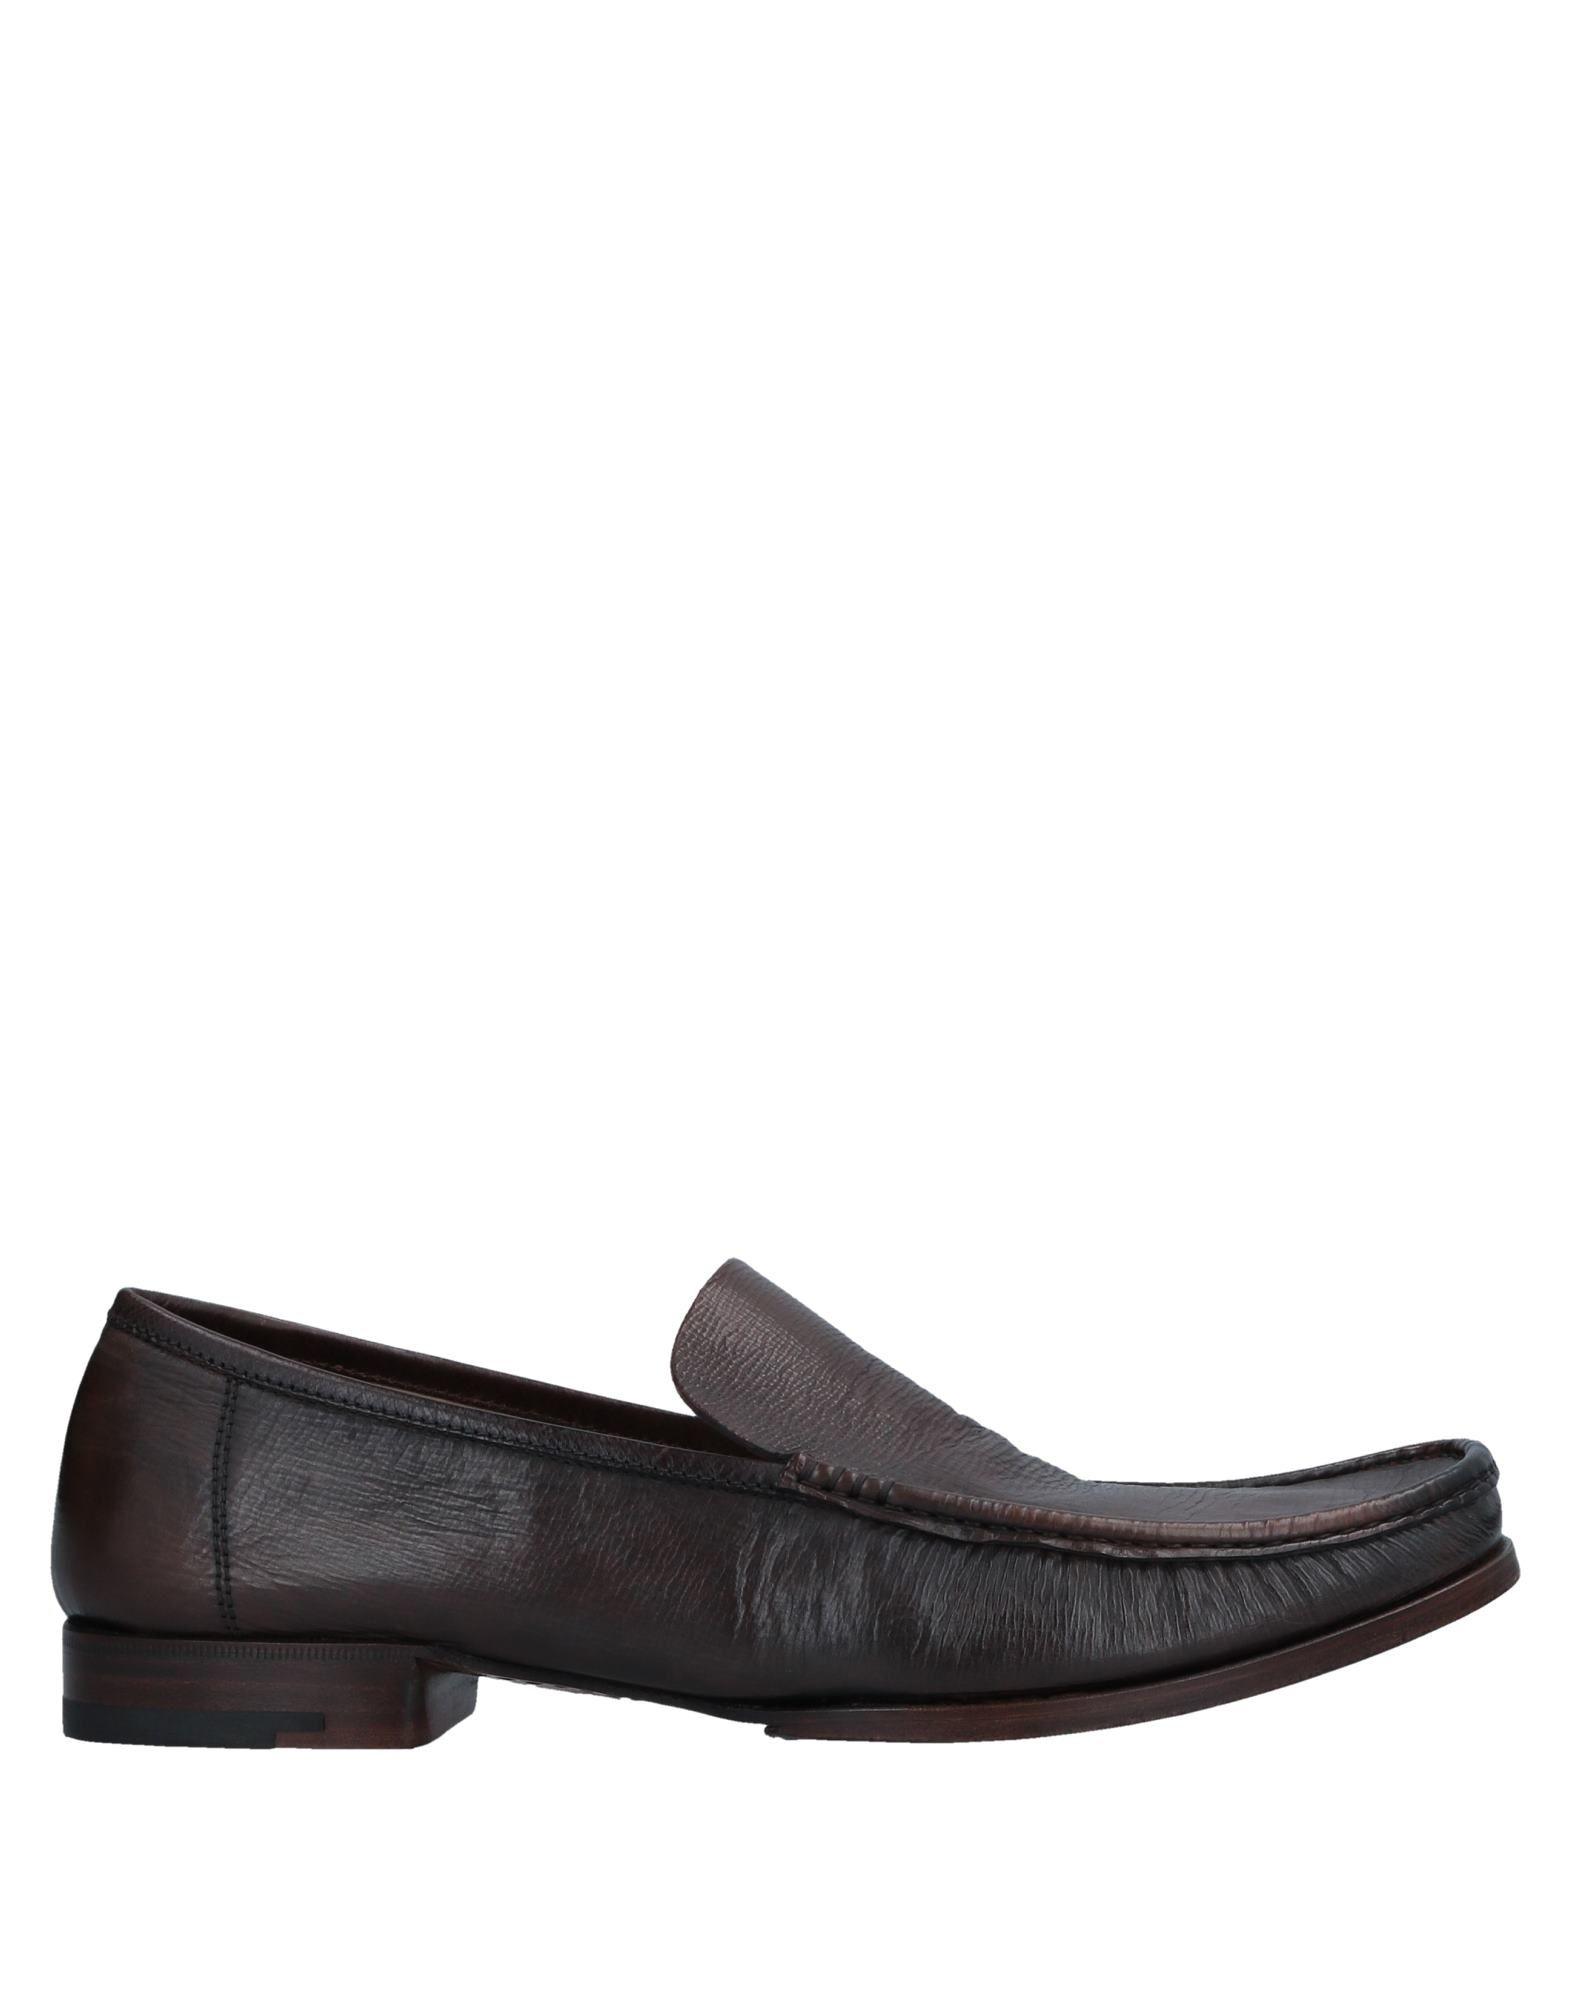 Arfango Mokassins Herren  11524981TI Gute Qualität beliebte Schuhe